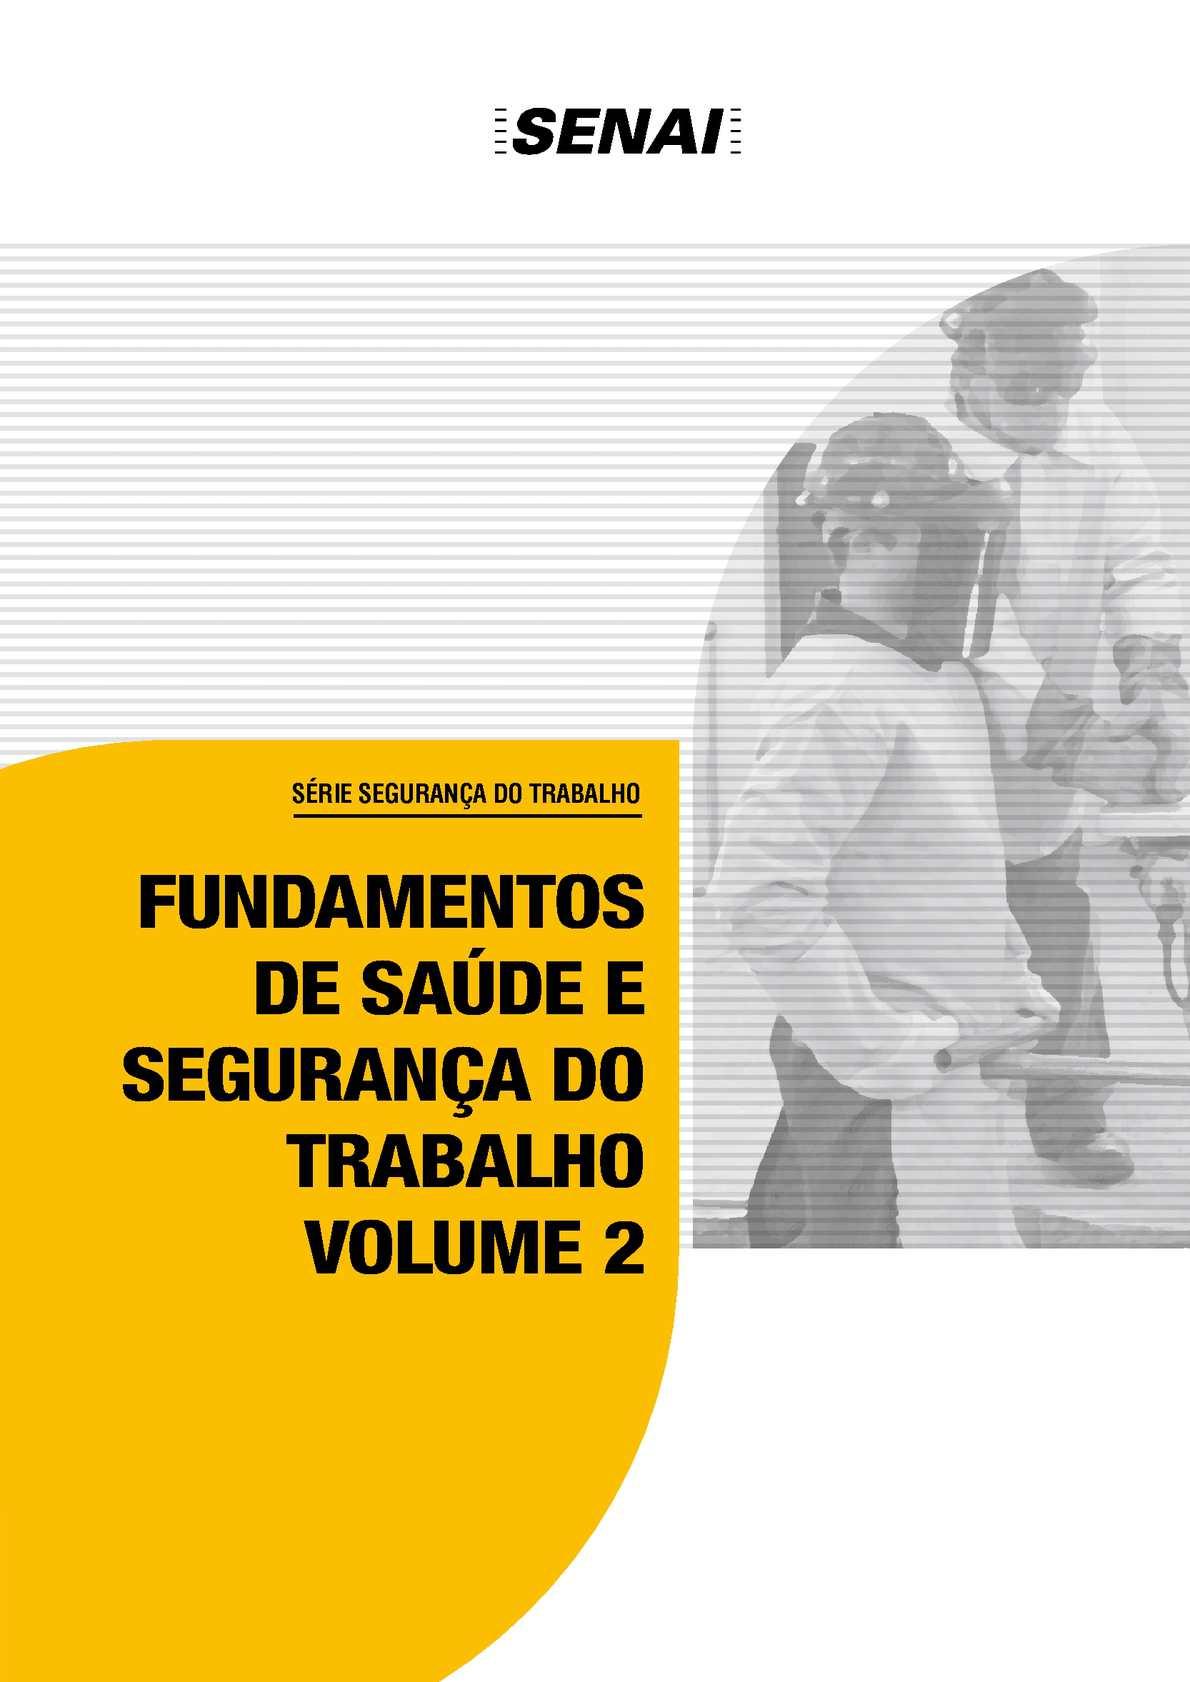 Calaméo - Fundamentos de Saúde e Segurança do Trabalho 200011057b